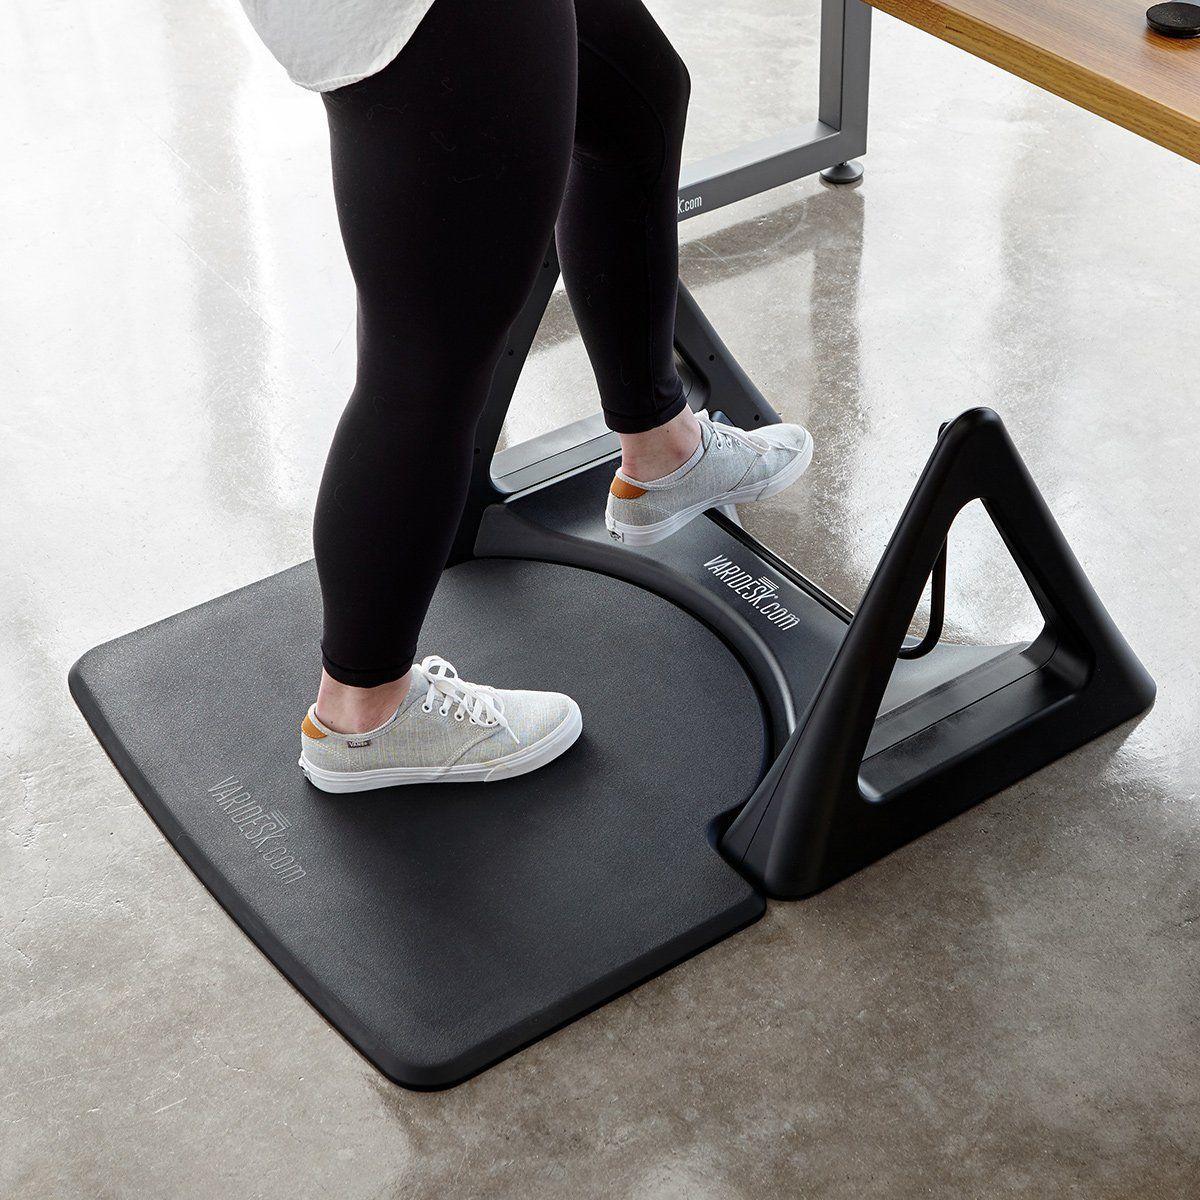 Amazon Com Varidesk Standing Desk Anti Fatigue Comfort Floor Mat Activemat Rocker Kitchen Dining Standing Desk Accessories Rocker Floor Mats